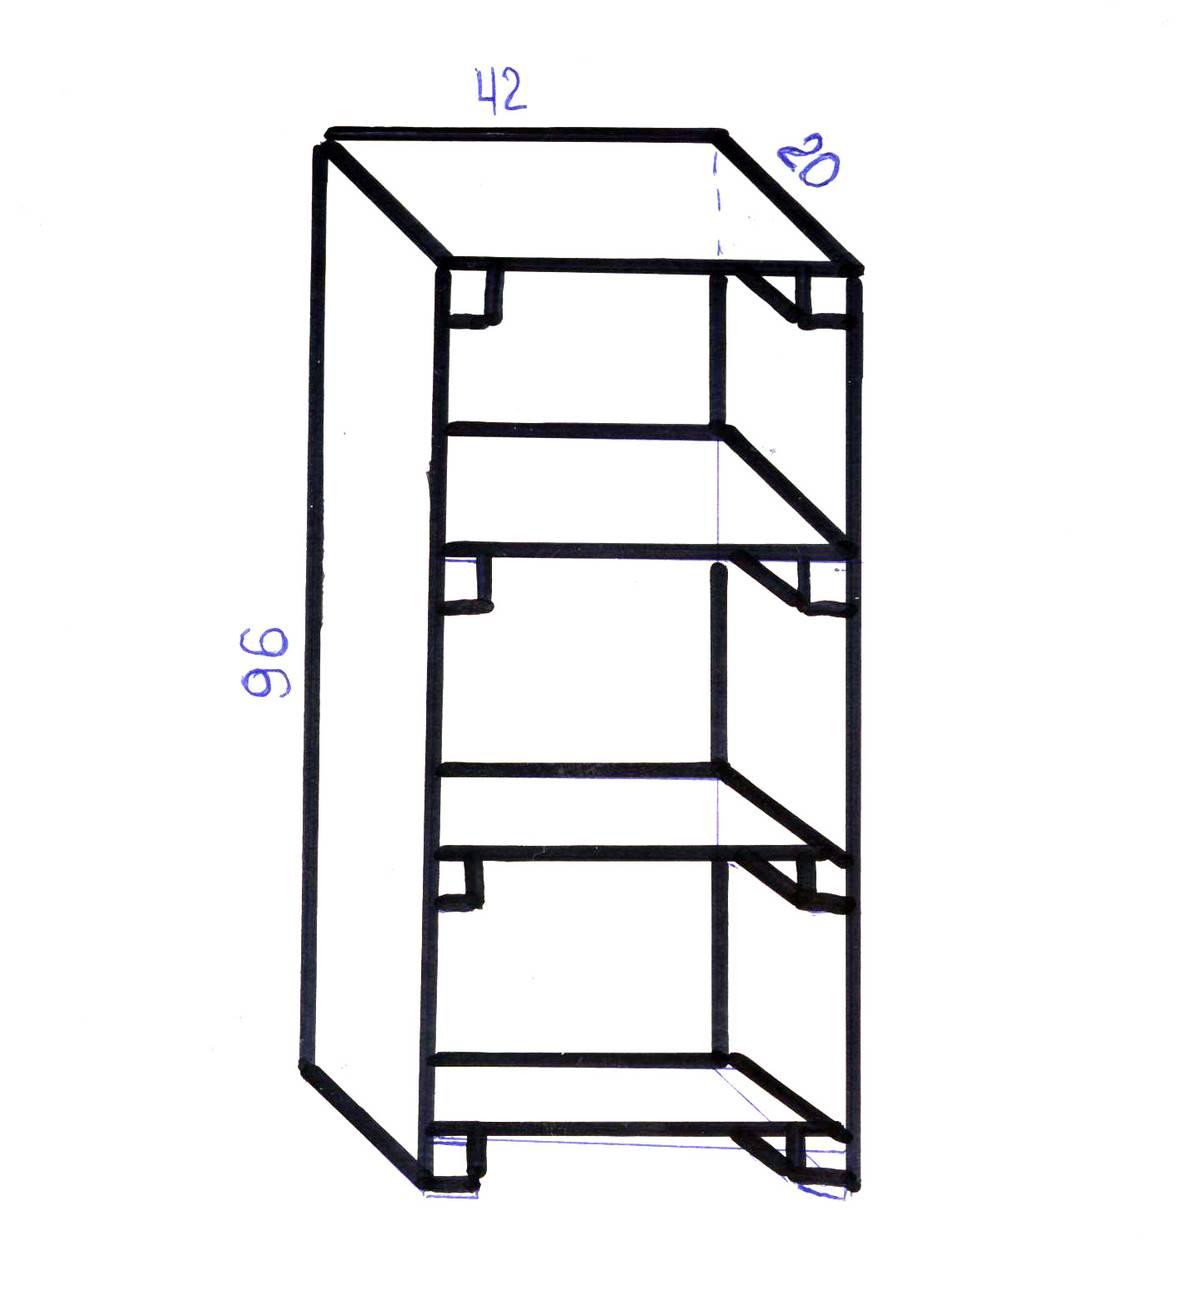 Мой схематичный чертеж мини-стеллажа. Высота — 96см, ширина — 42см, глубина — 20см